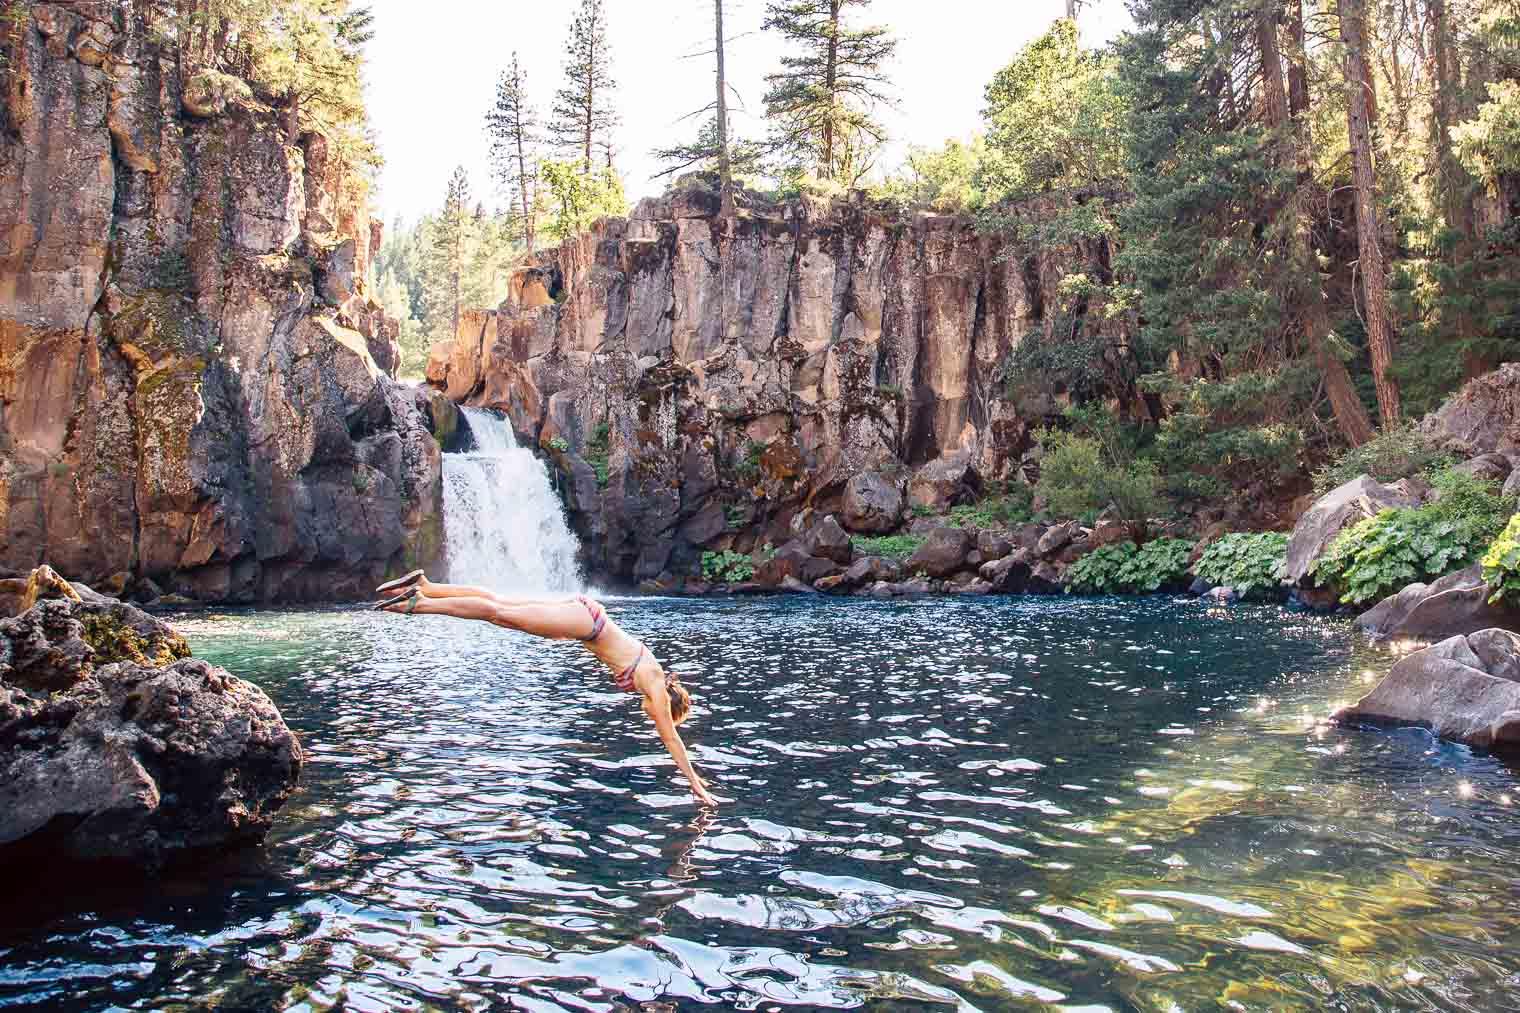 Outdoor-Adventure-in-Mt.-Shasta-California-7